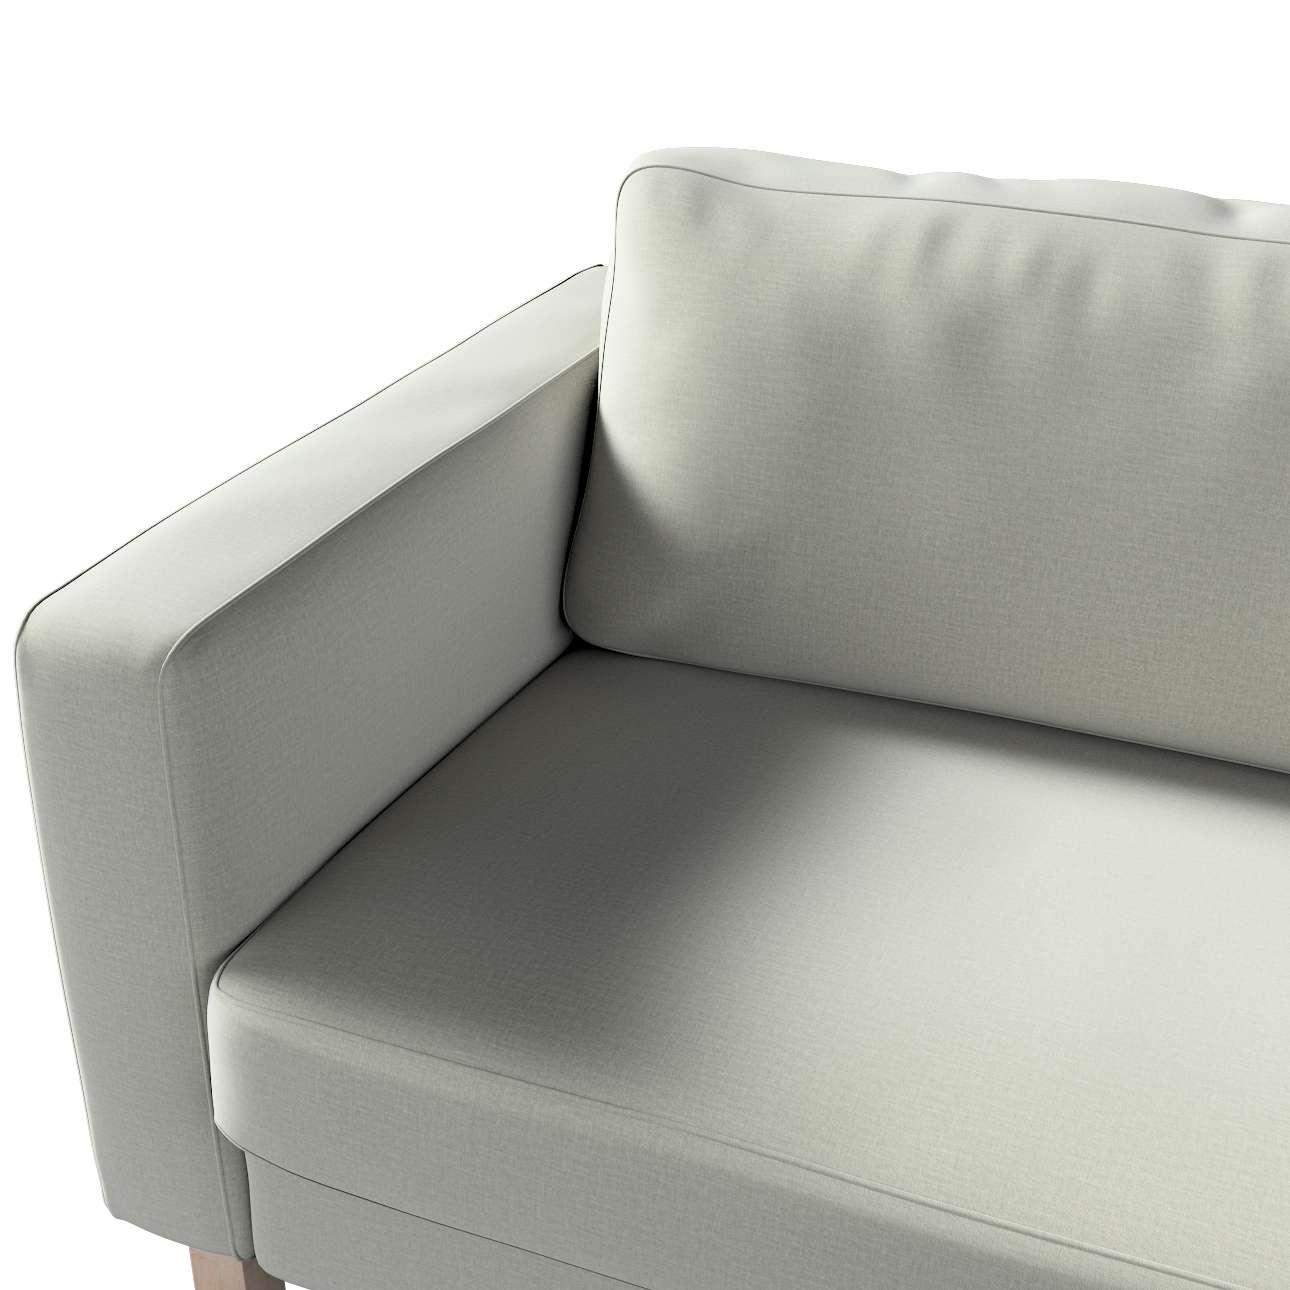 Pokrowiec na sofę Karlstad 3-osobową nierozkładaną, krótki w kolekcji Ingrid, tkanina: 705-41